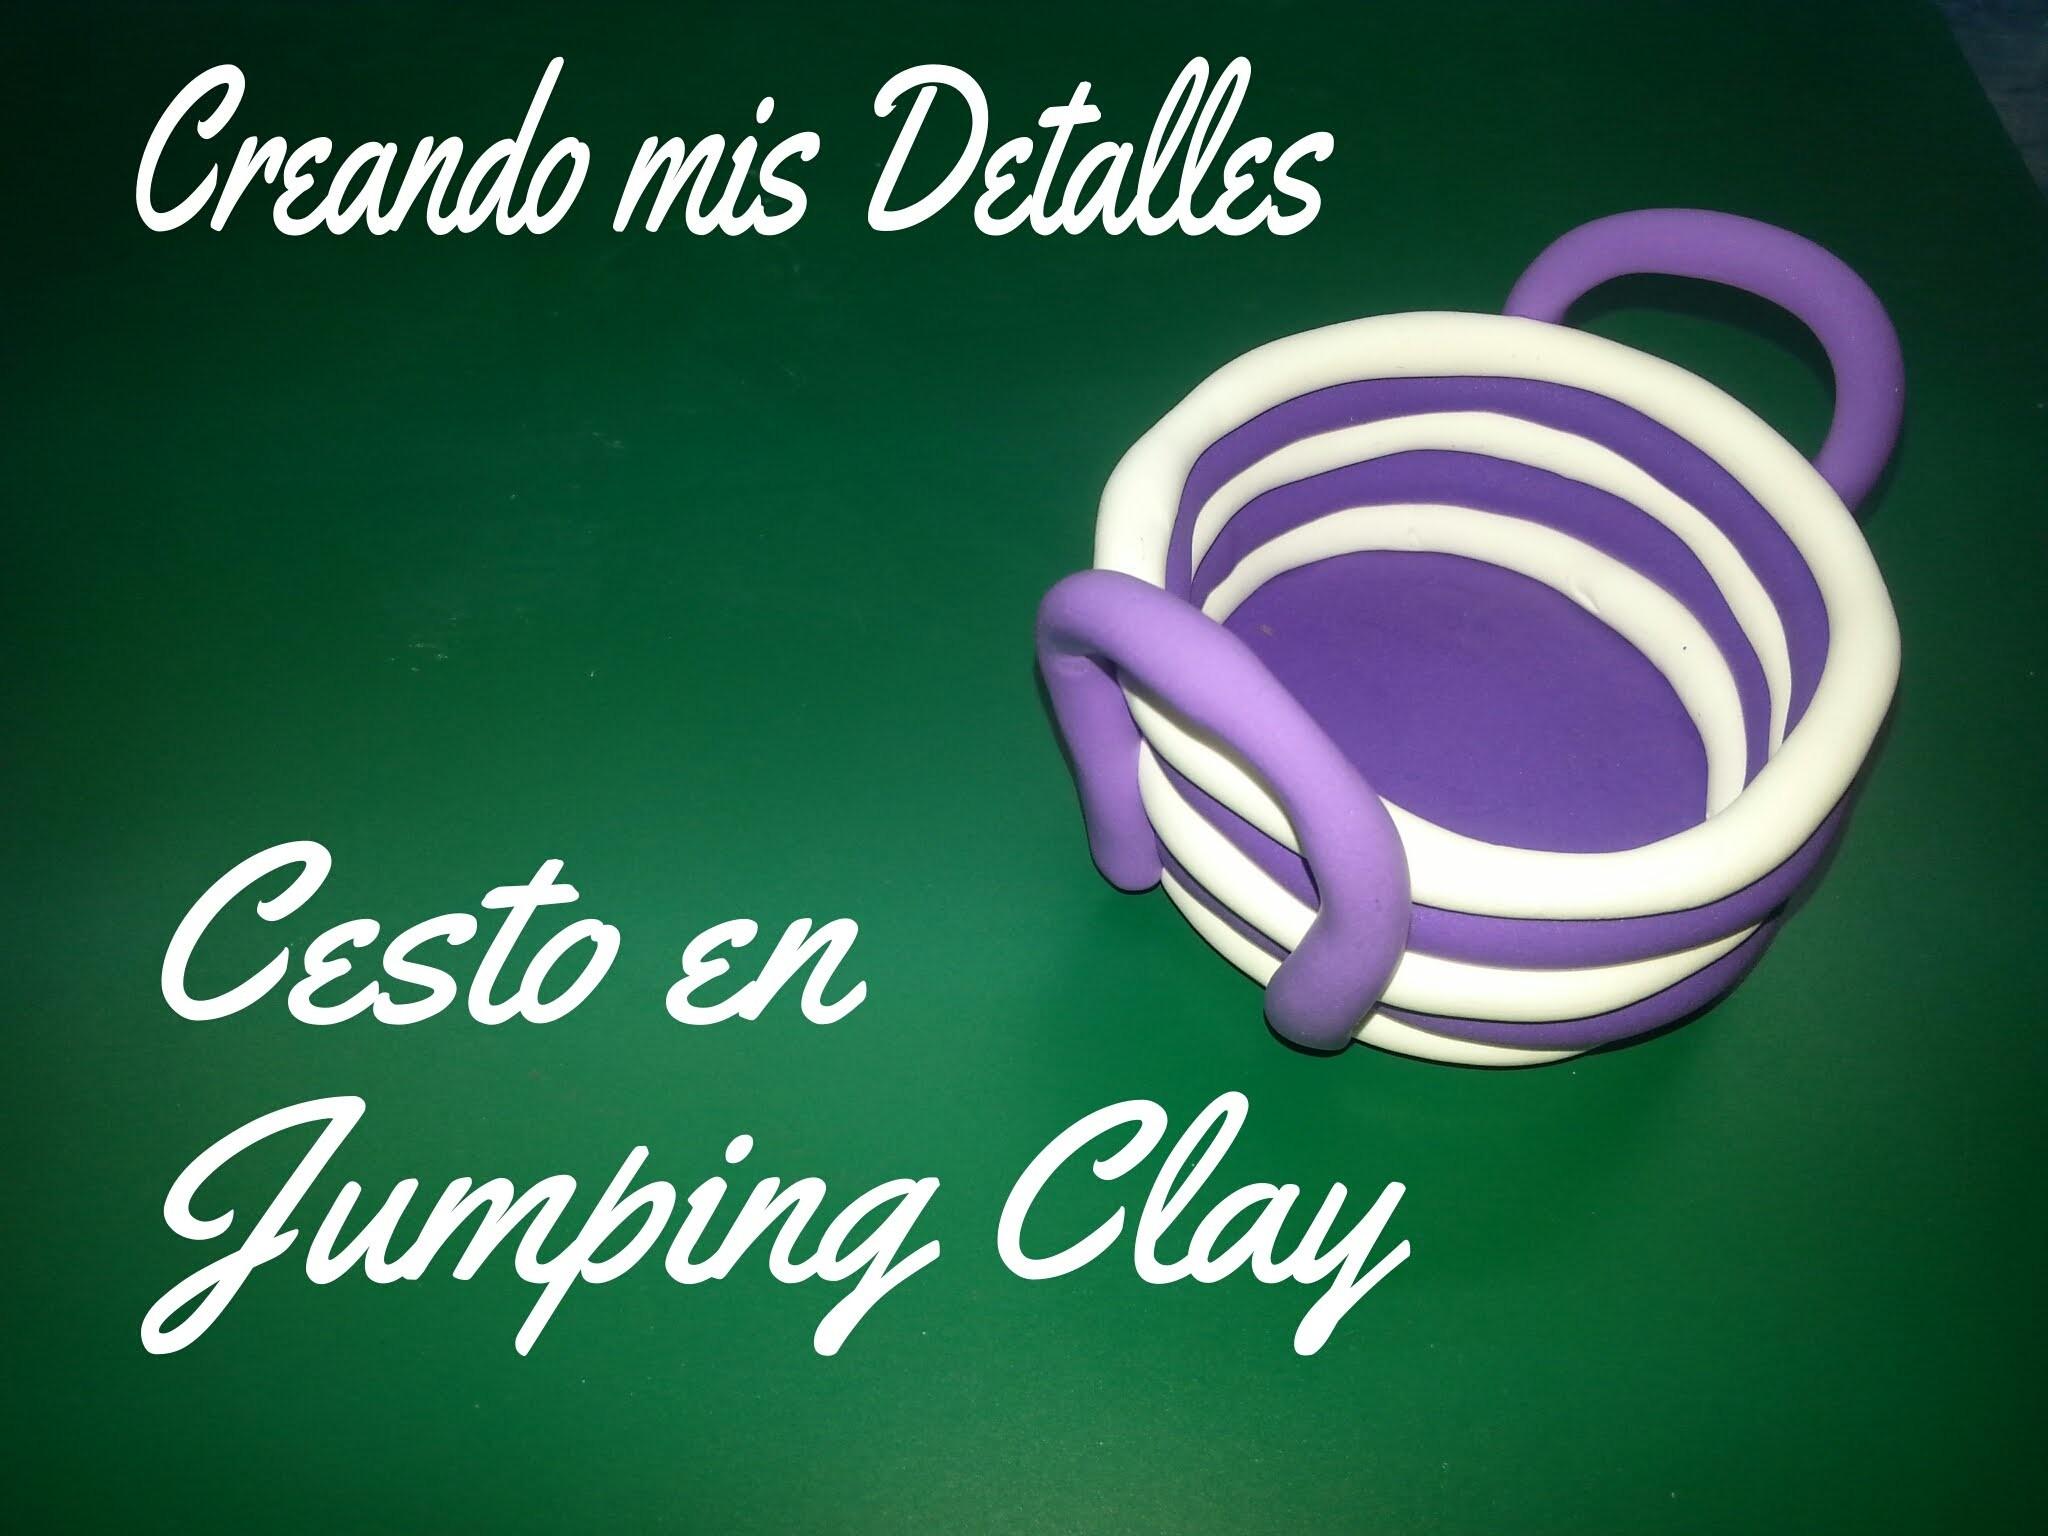 Creando una cesta en Jumping clay - Polymer clay basket